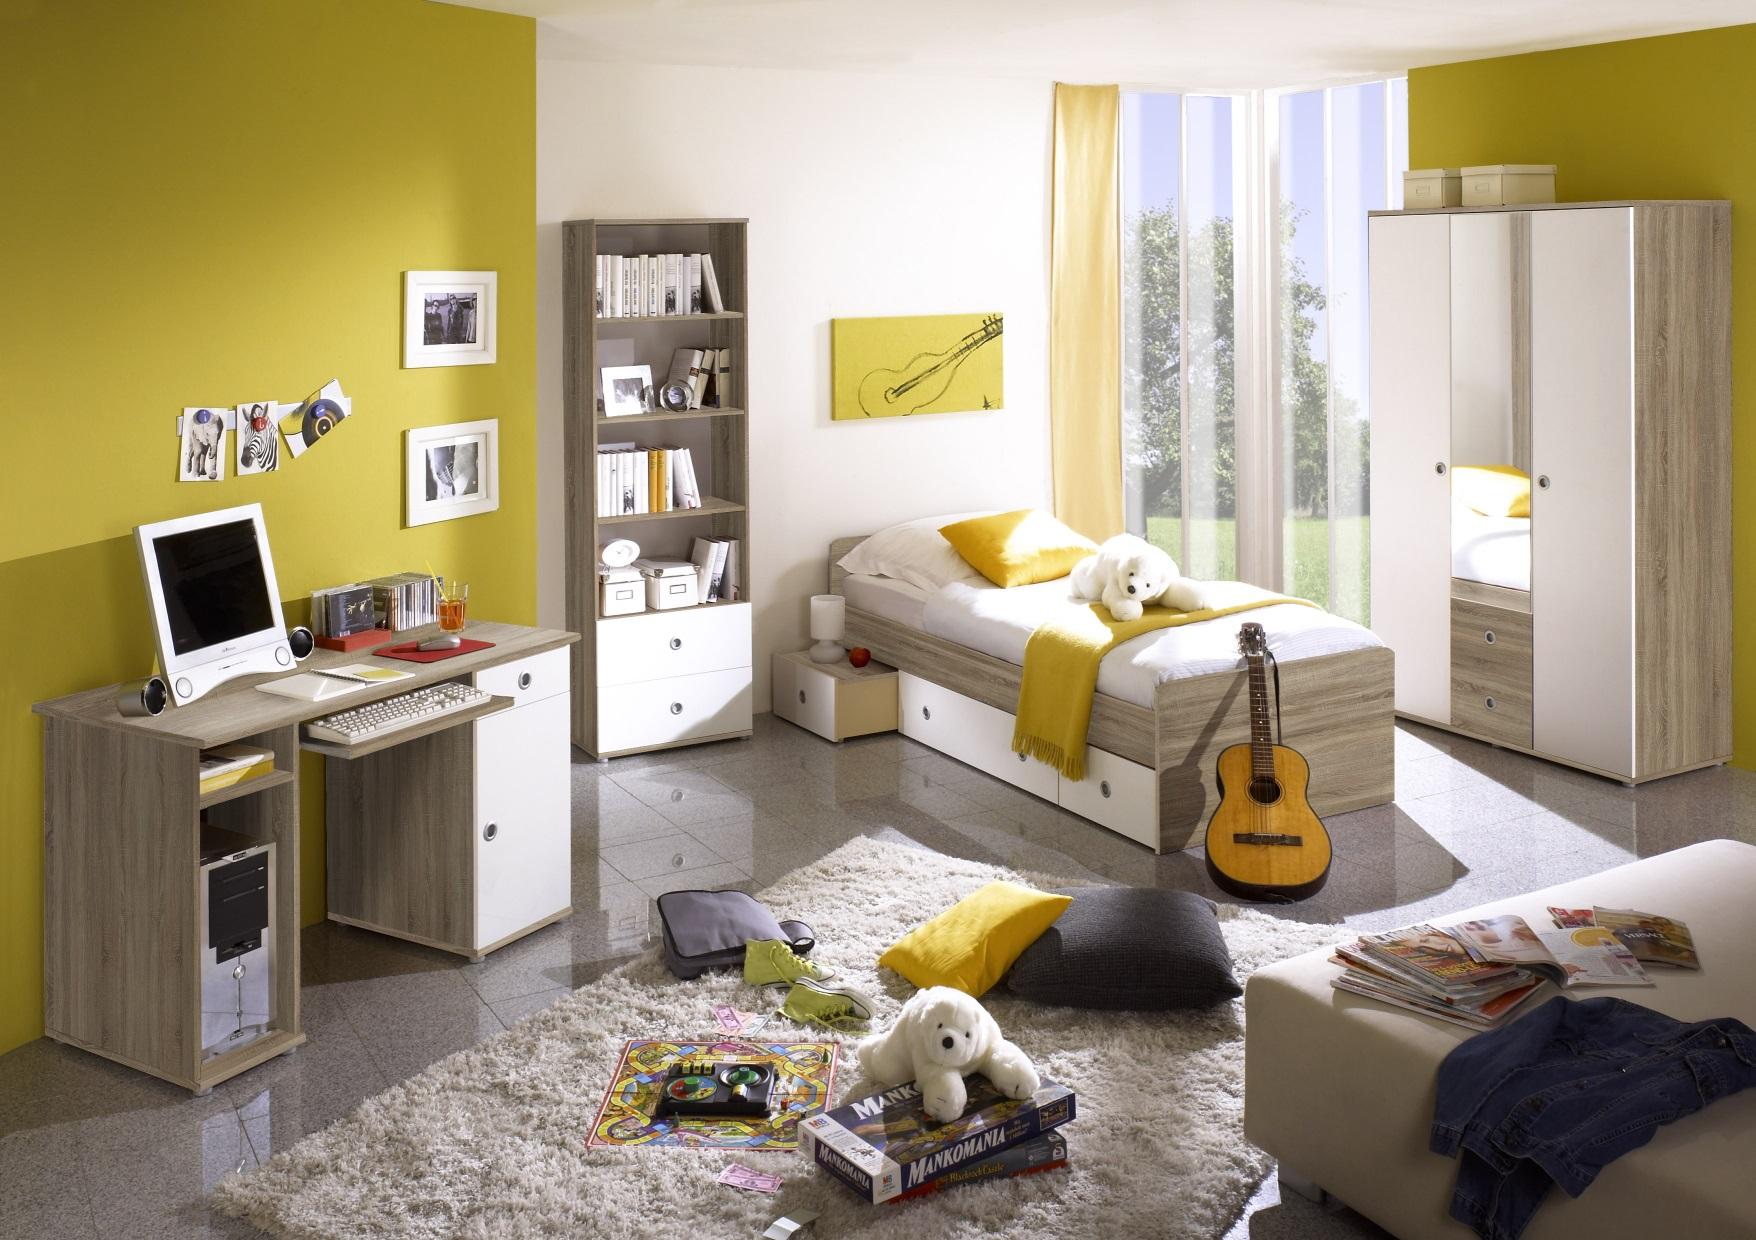 Jugendzimmer set komplett set wiki schreibtisch jugendbett - Jugendzimmer set ...